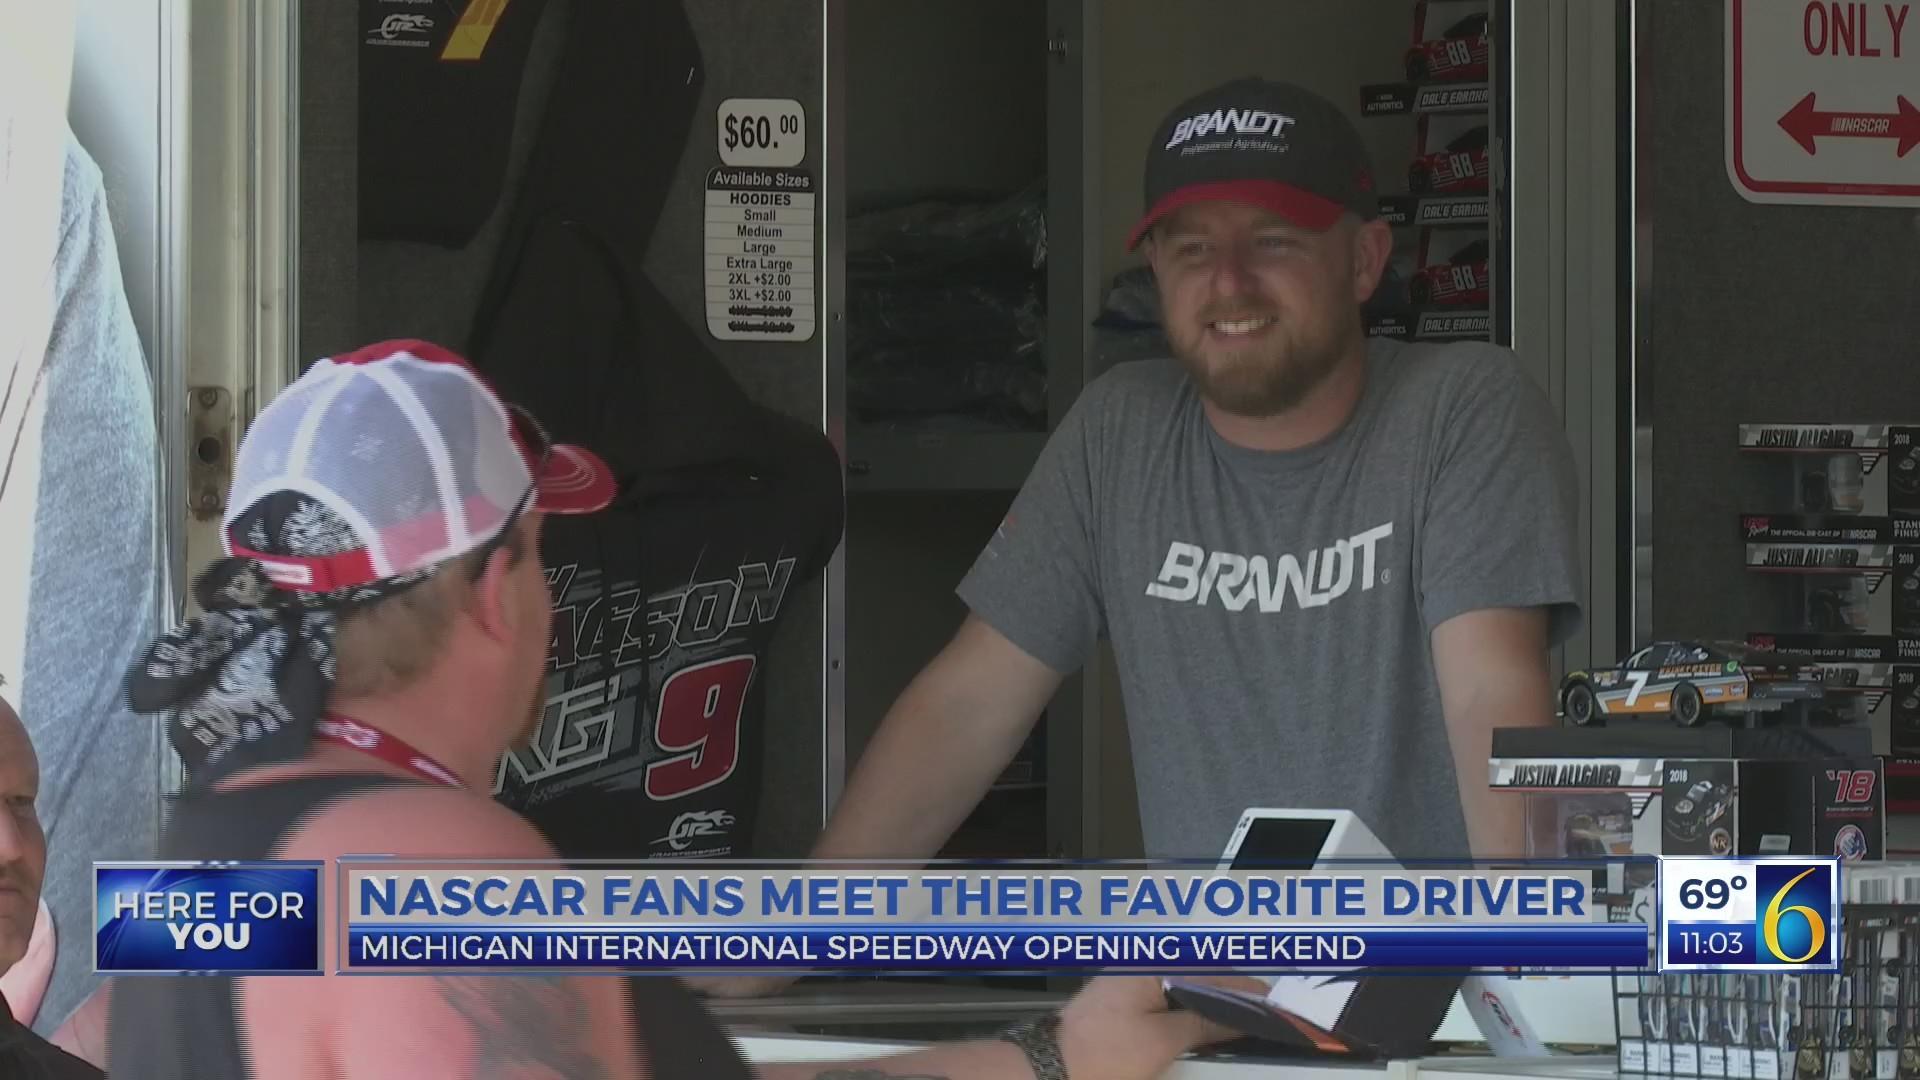 NASCAR fans get to meet star driver